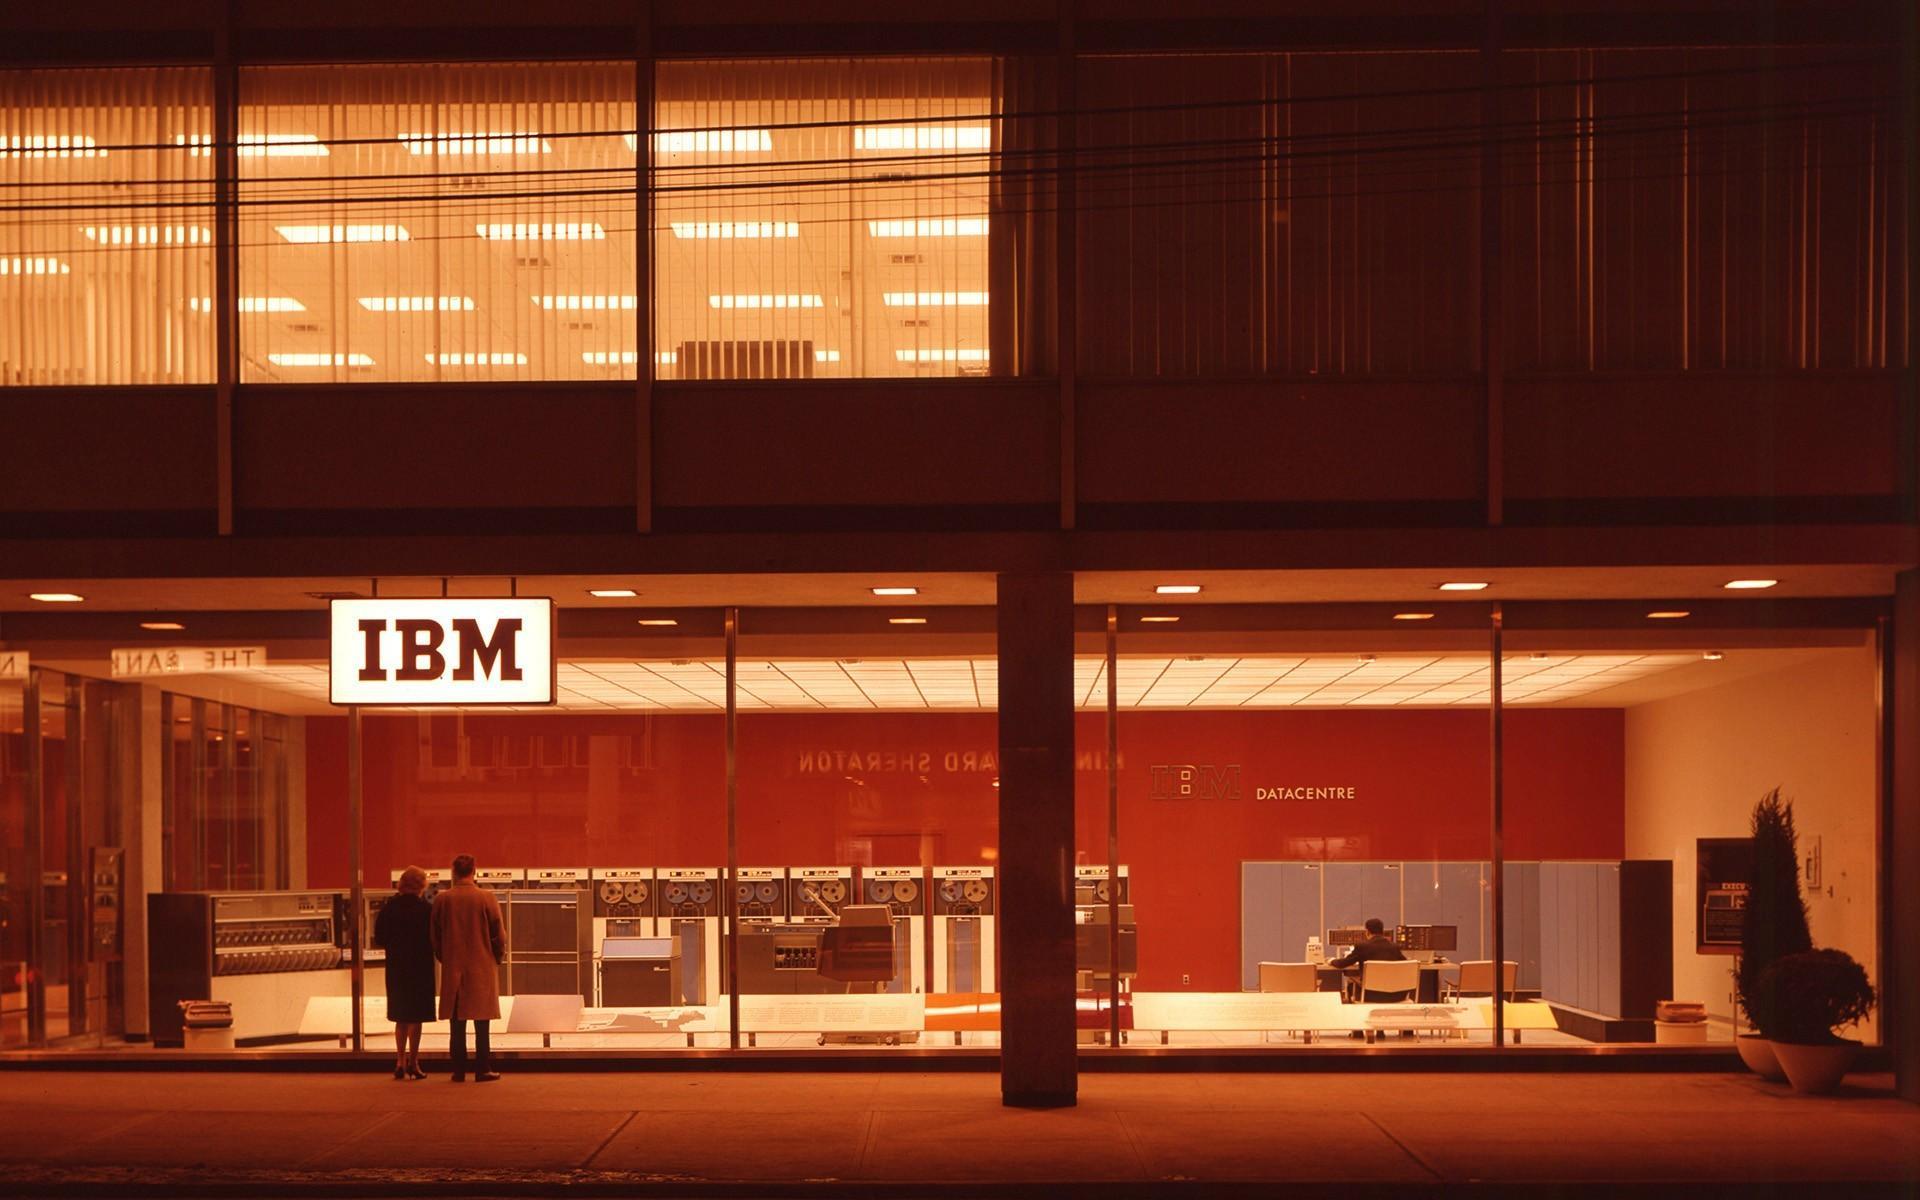 IBM назвала технологии, которые изменят жизнь к 2023г.